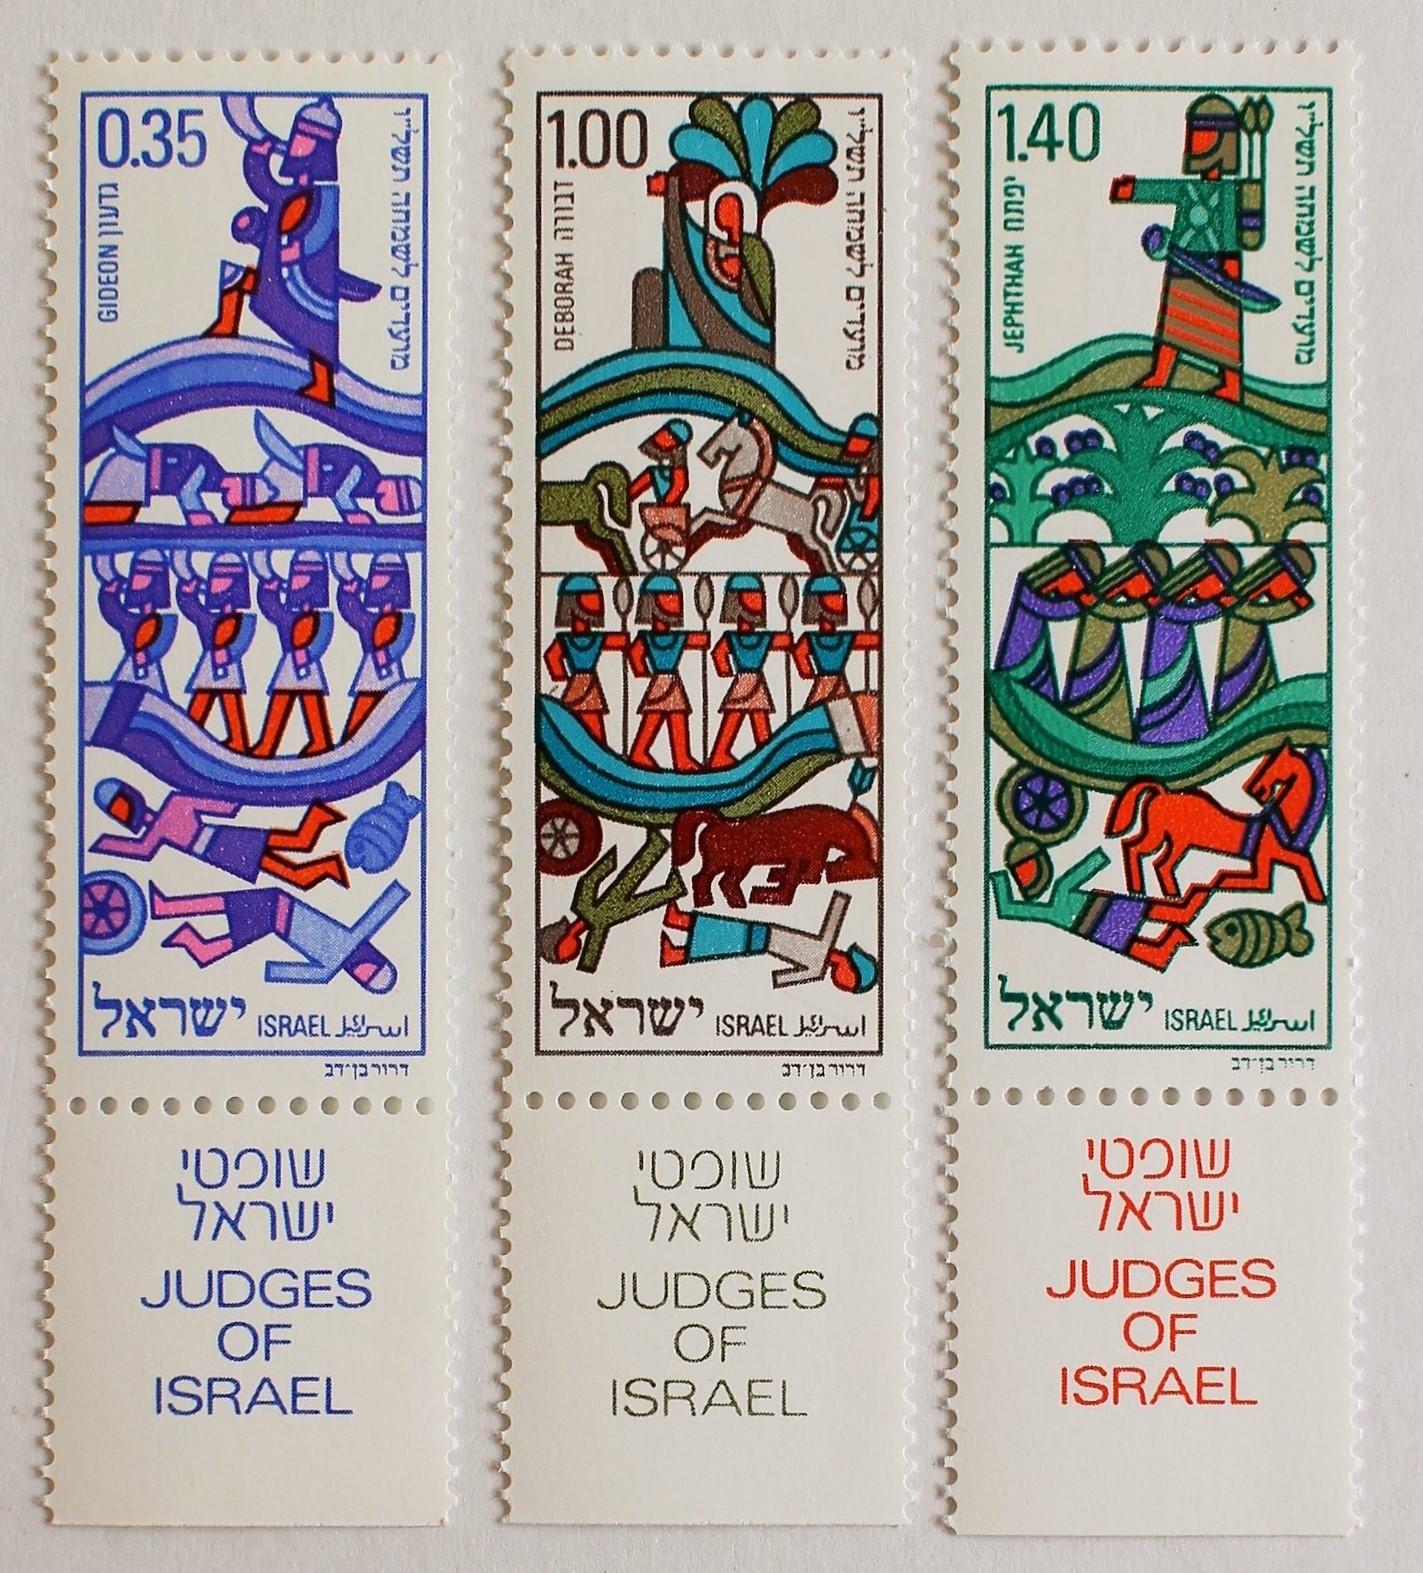 精霊降臨日 / イスラエル 1975